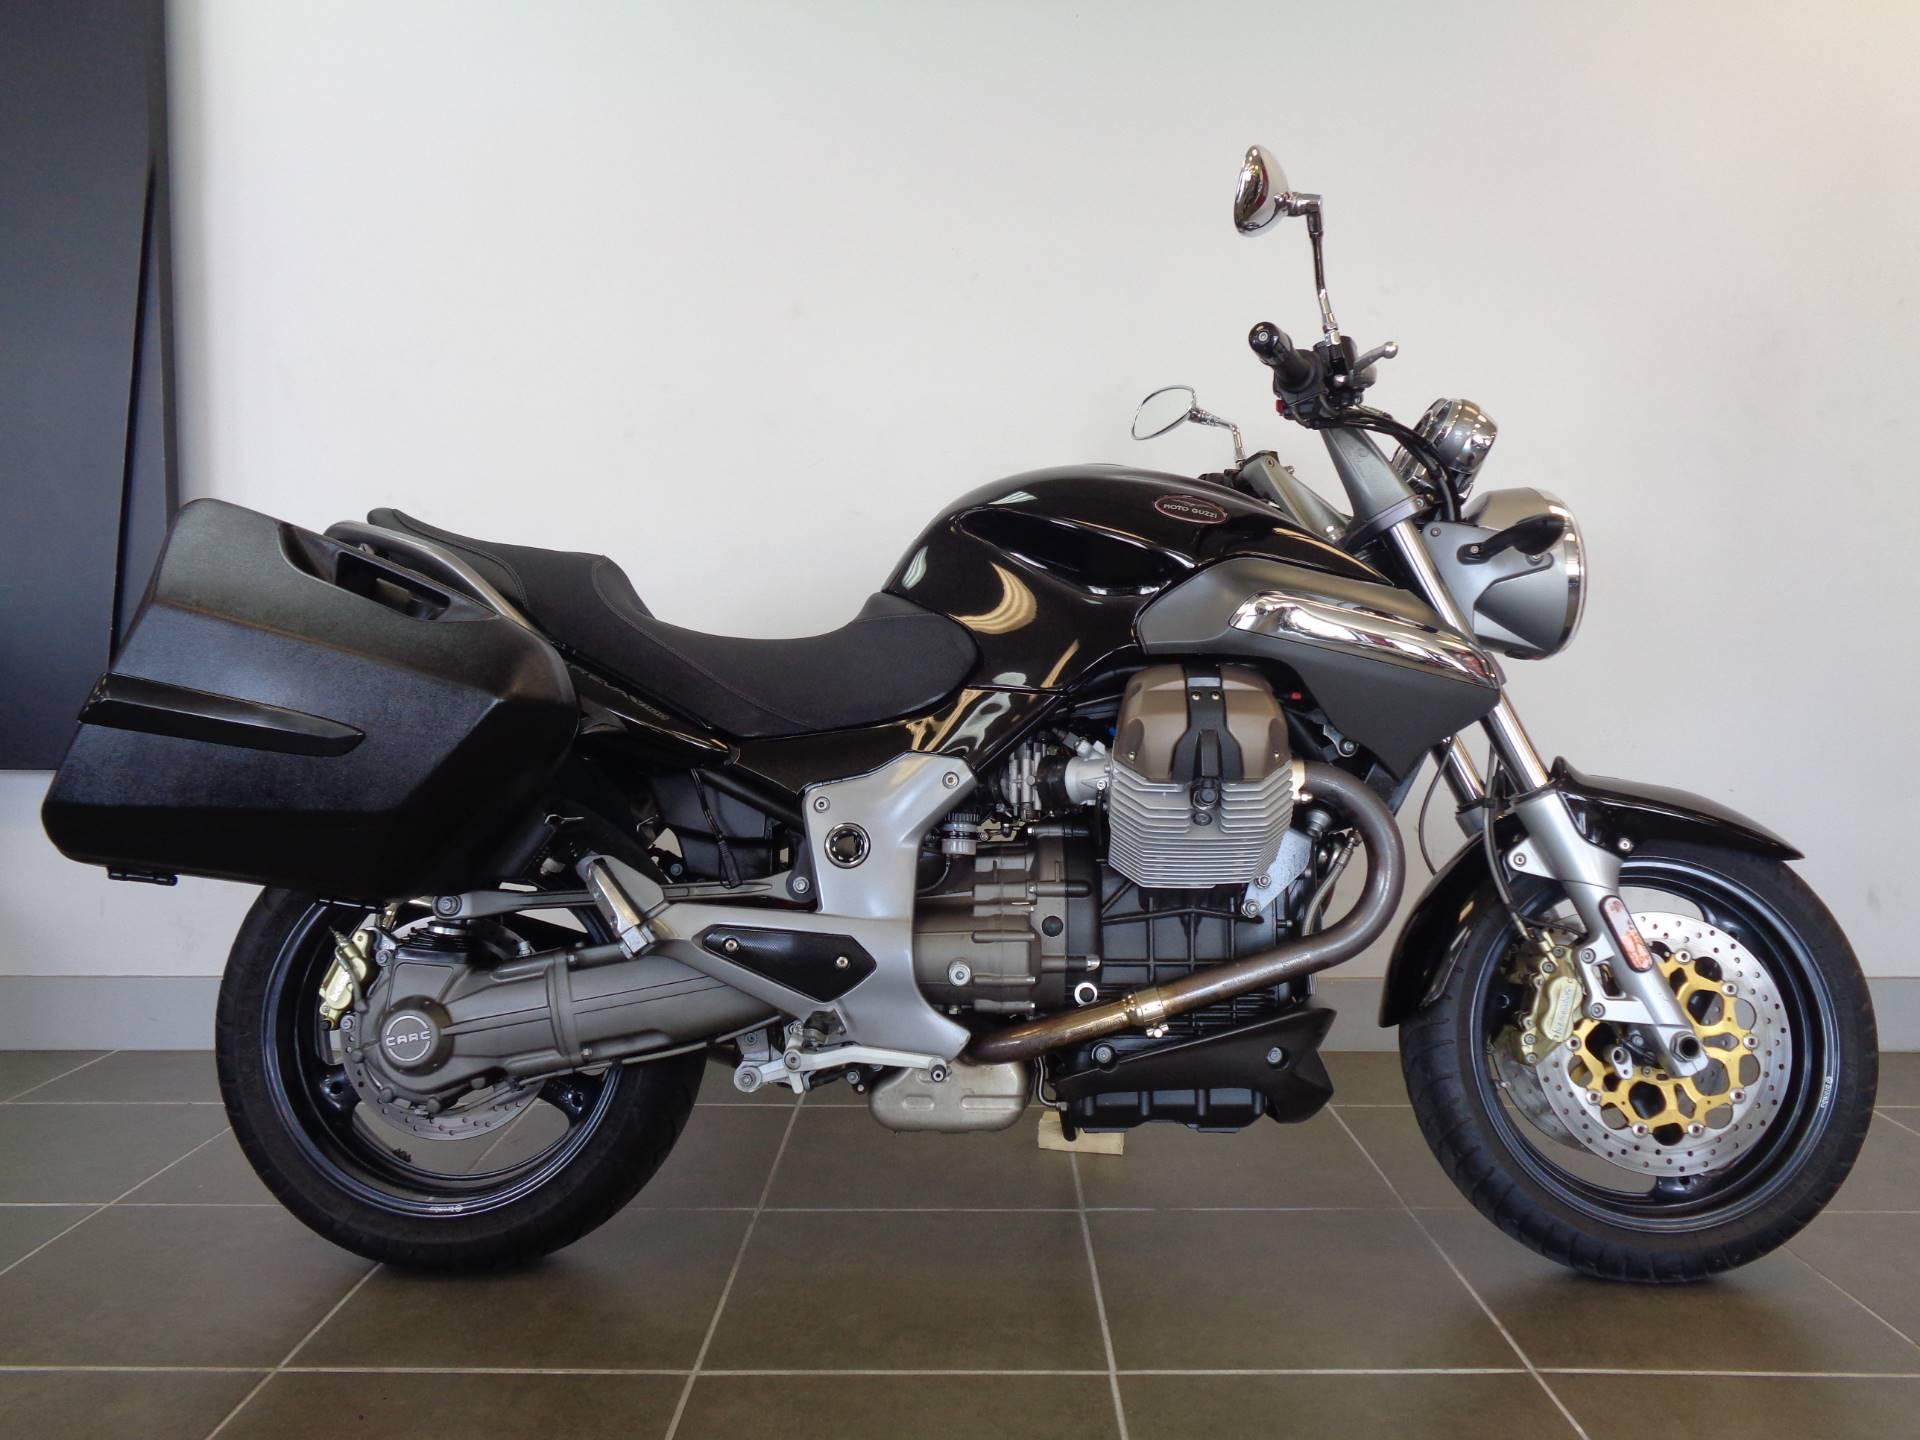 2007 Moto Guzzi Breva 1100 2